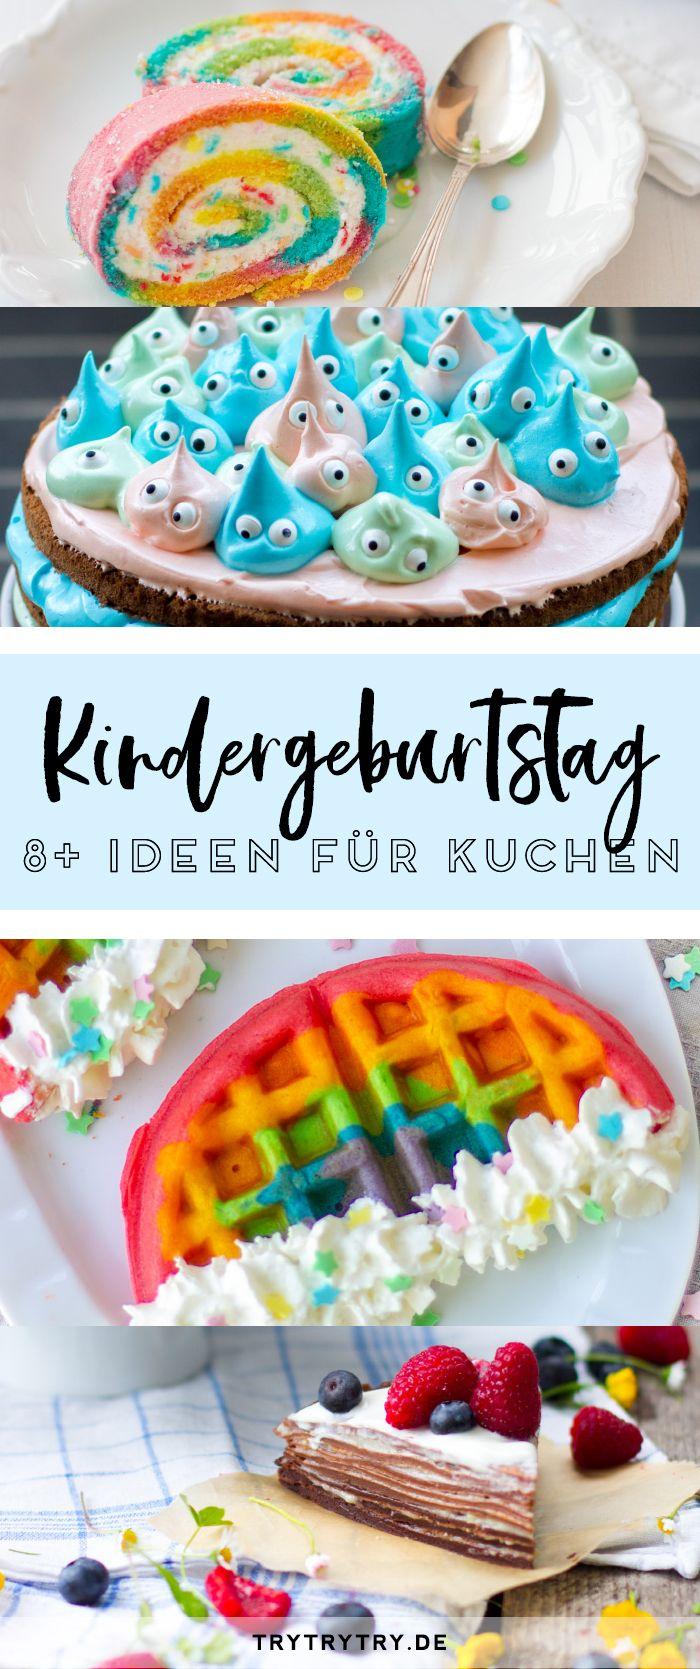 8 Kreative Ideen Fur Kuchen Cupcakes Waffeln Und Torten Zum Kindergeburtstag Mit Bildern Kinder Kuchen Geburtstag Kindergeburtstag Kuchen Ideen Kuchen Kindergeburtstag